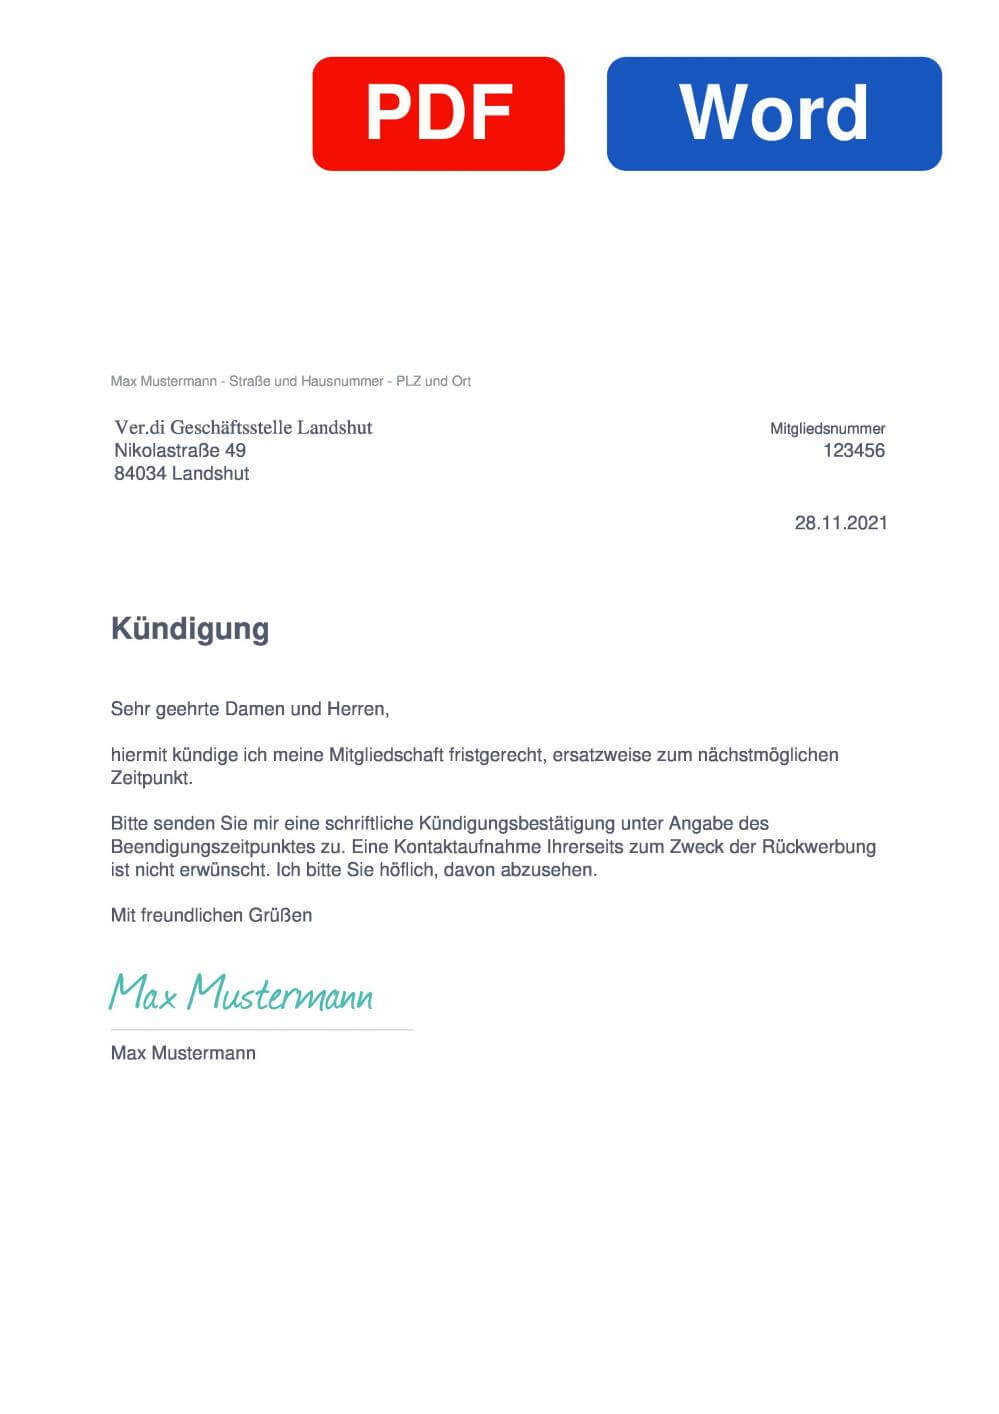 Verdi Landshut Muster Vorlage für Kündigungsschreiben